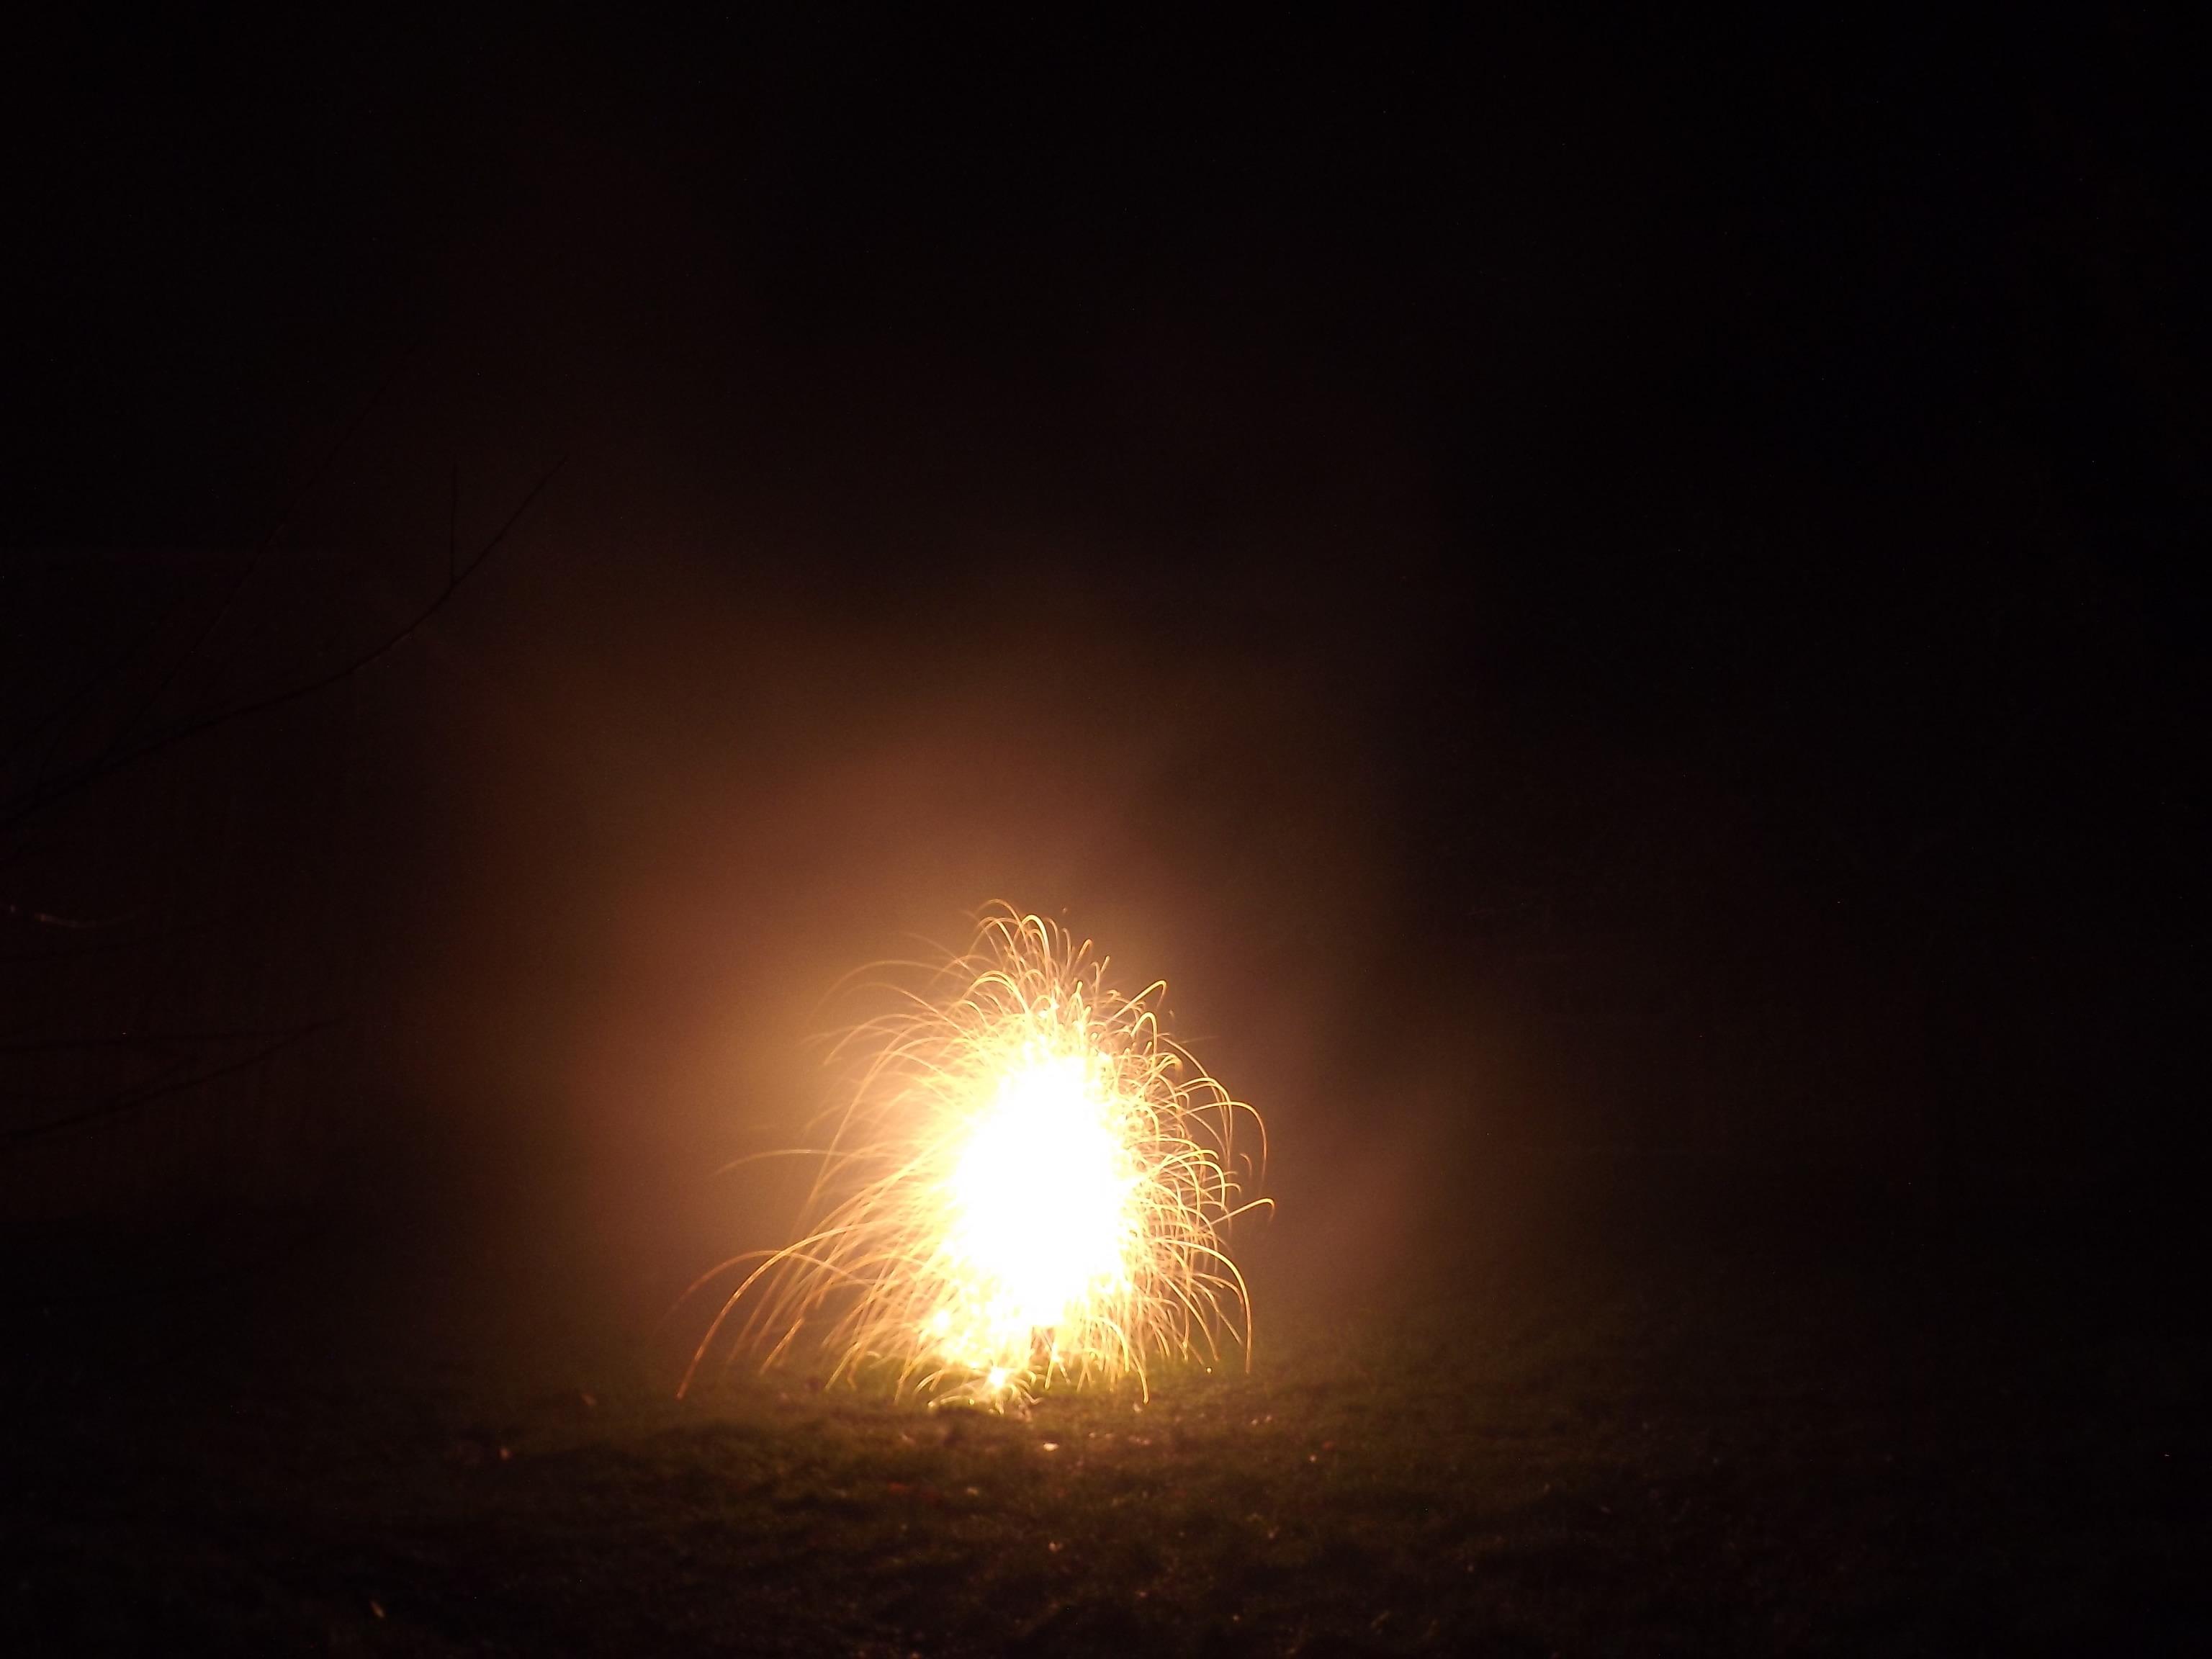 6763-feuerwerk-silvester-neujahr-feuer-orange